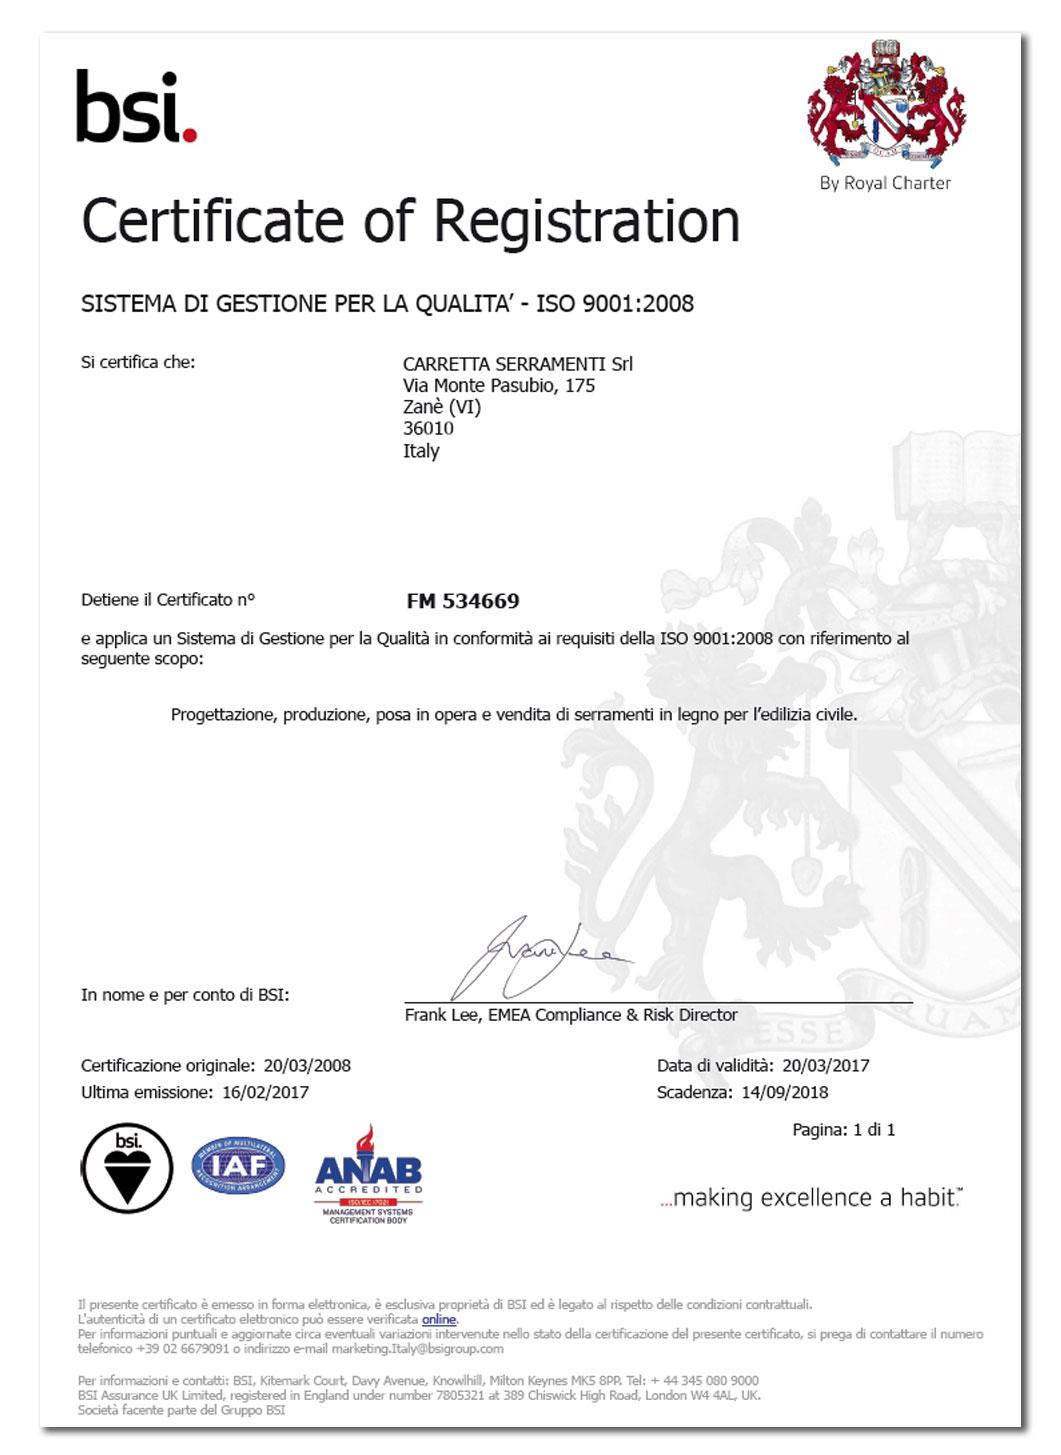 Carretta Serramenti Certificato Qualità BSI